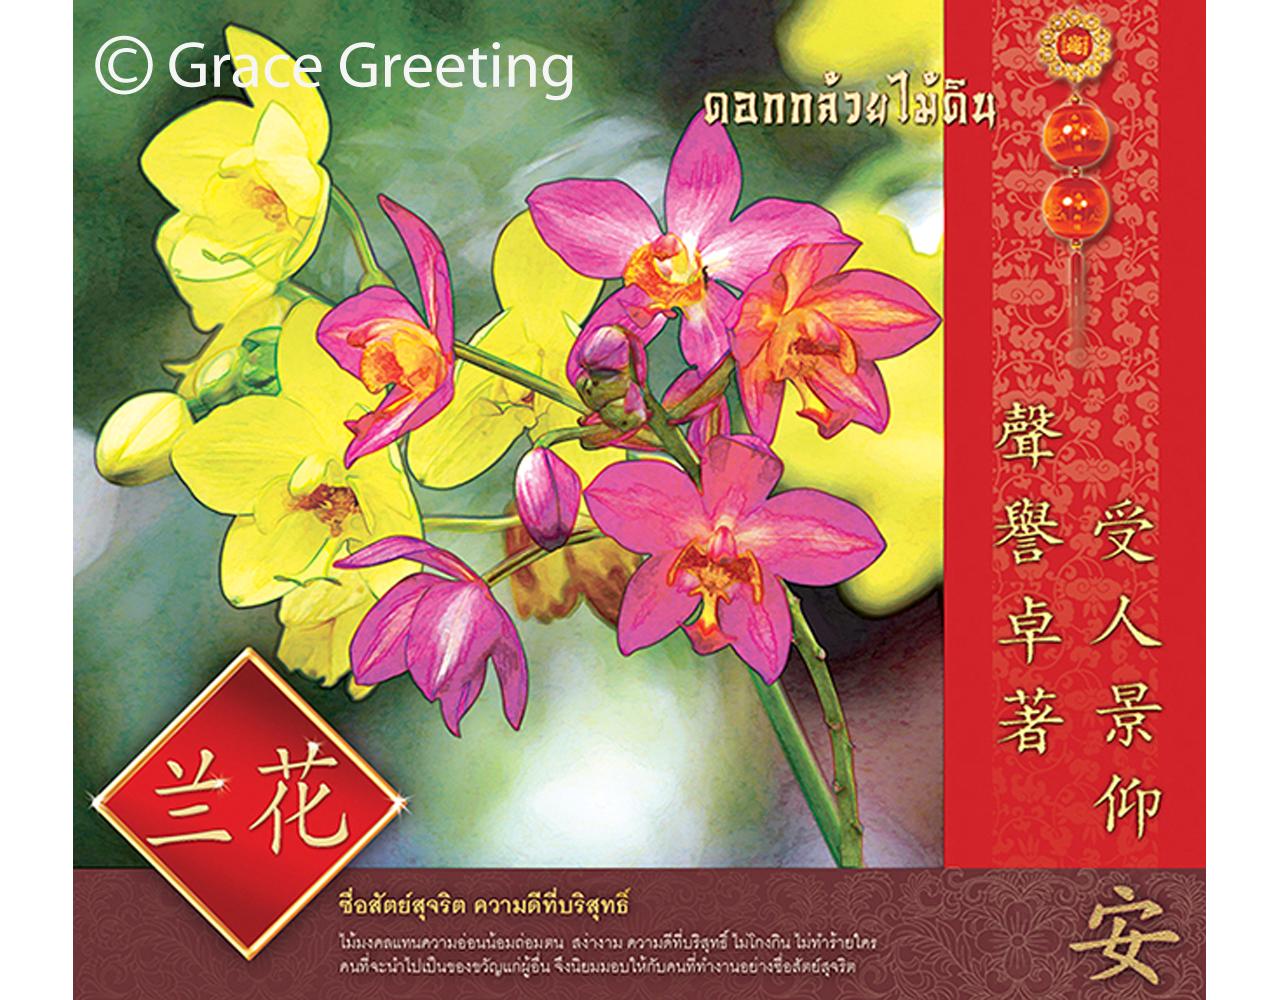 ปฏิทินตั้งโต๊ะ สั่งผลิตดอกไม้มงคล Jul